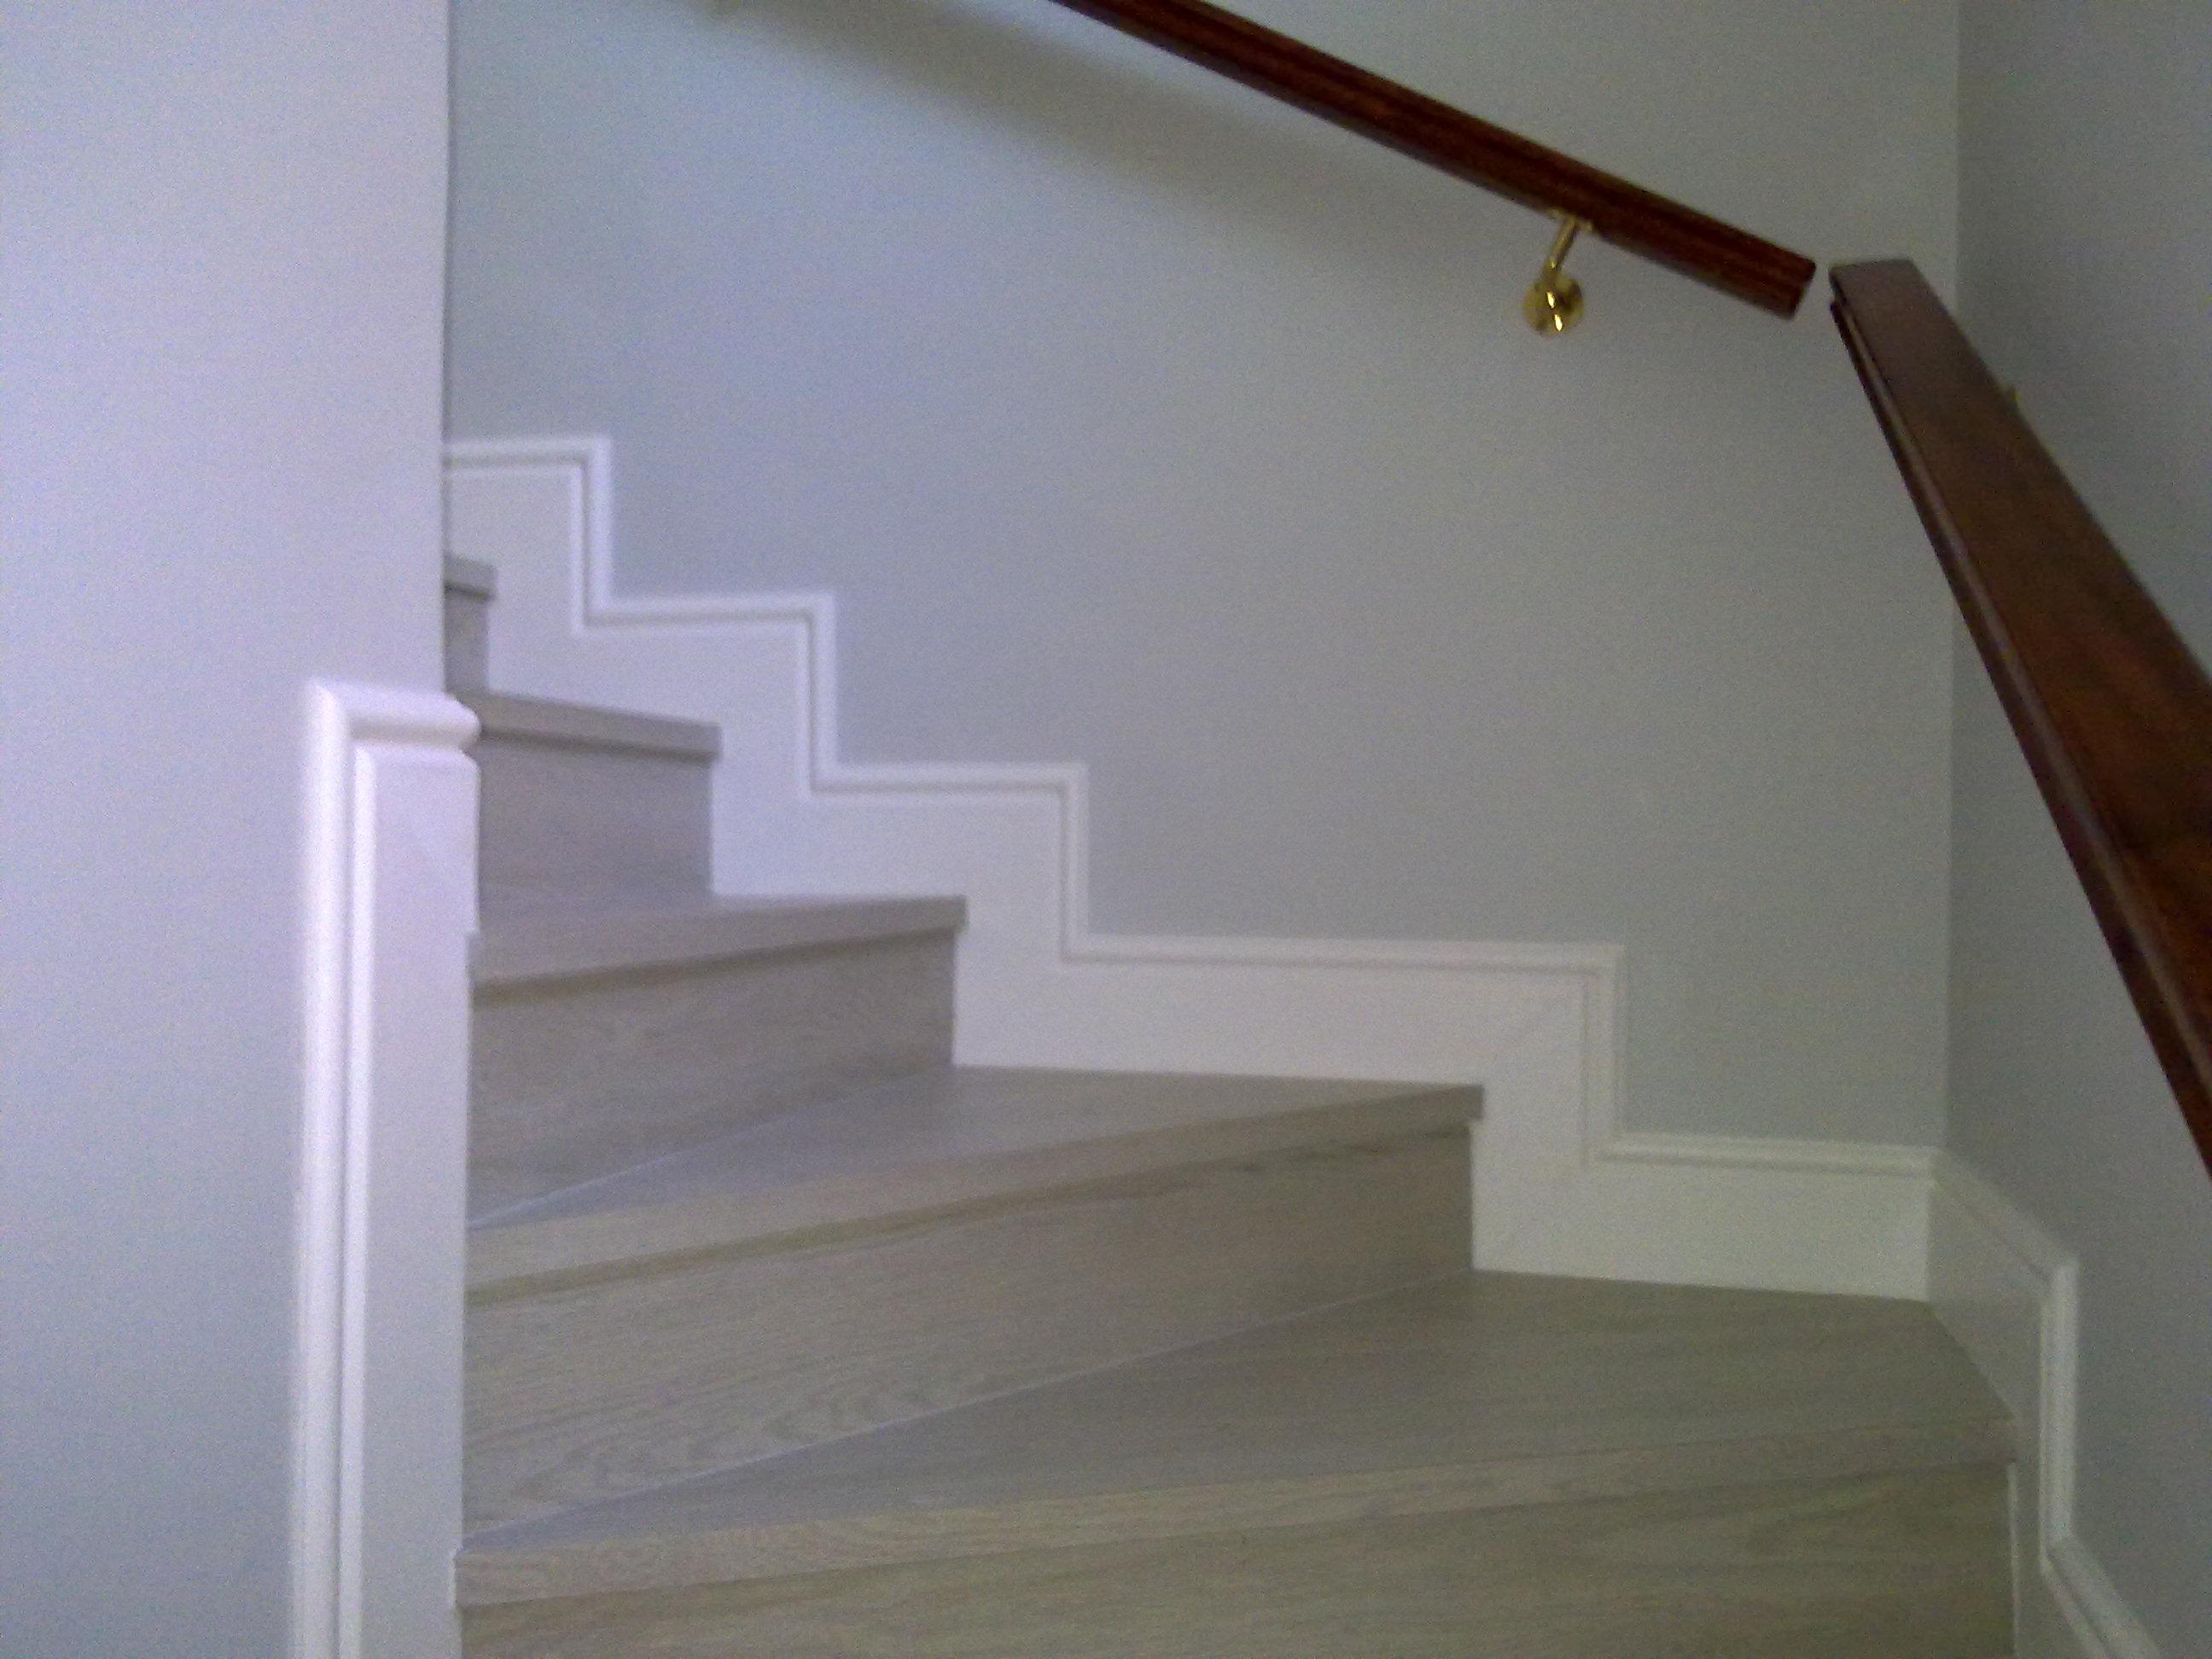 Zócalos en escaleras - Clica y mira las diferentes opciones